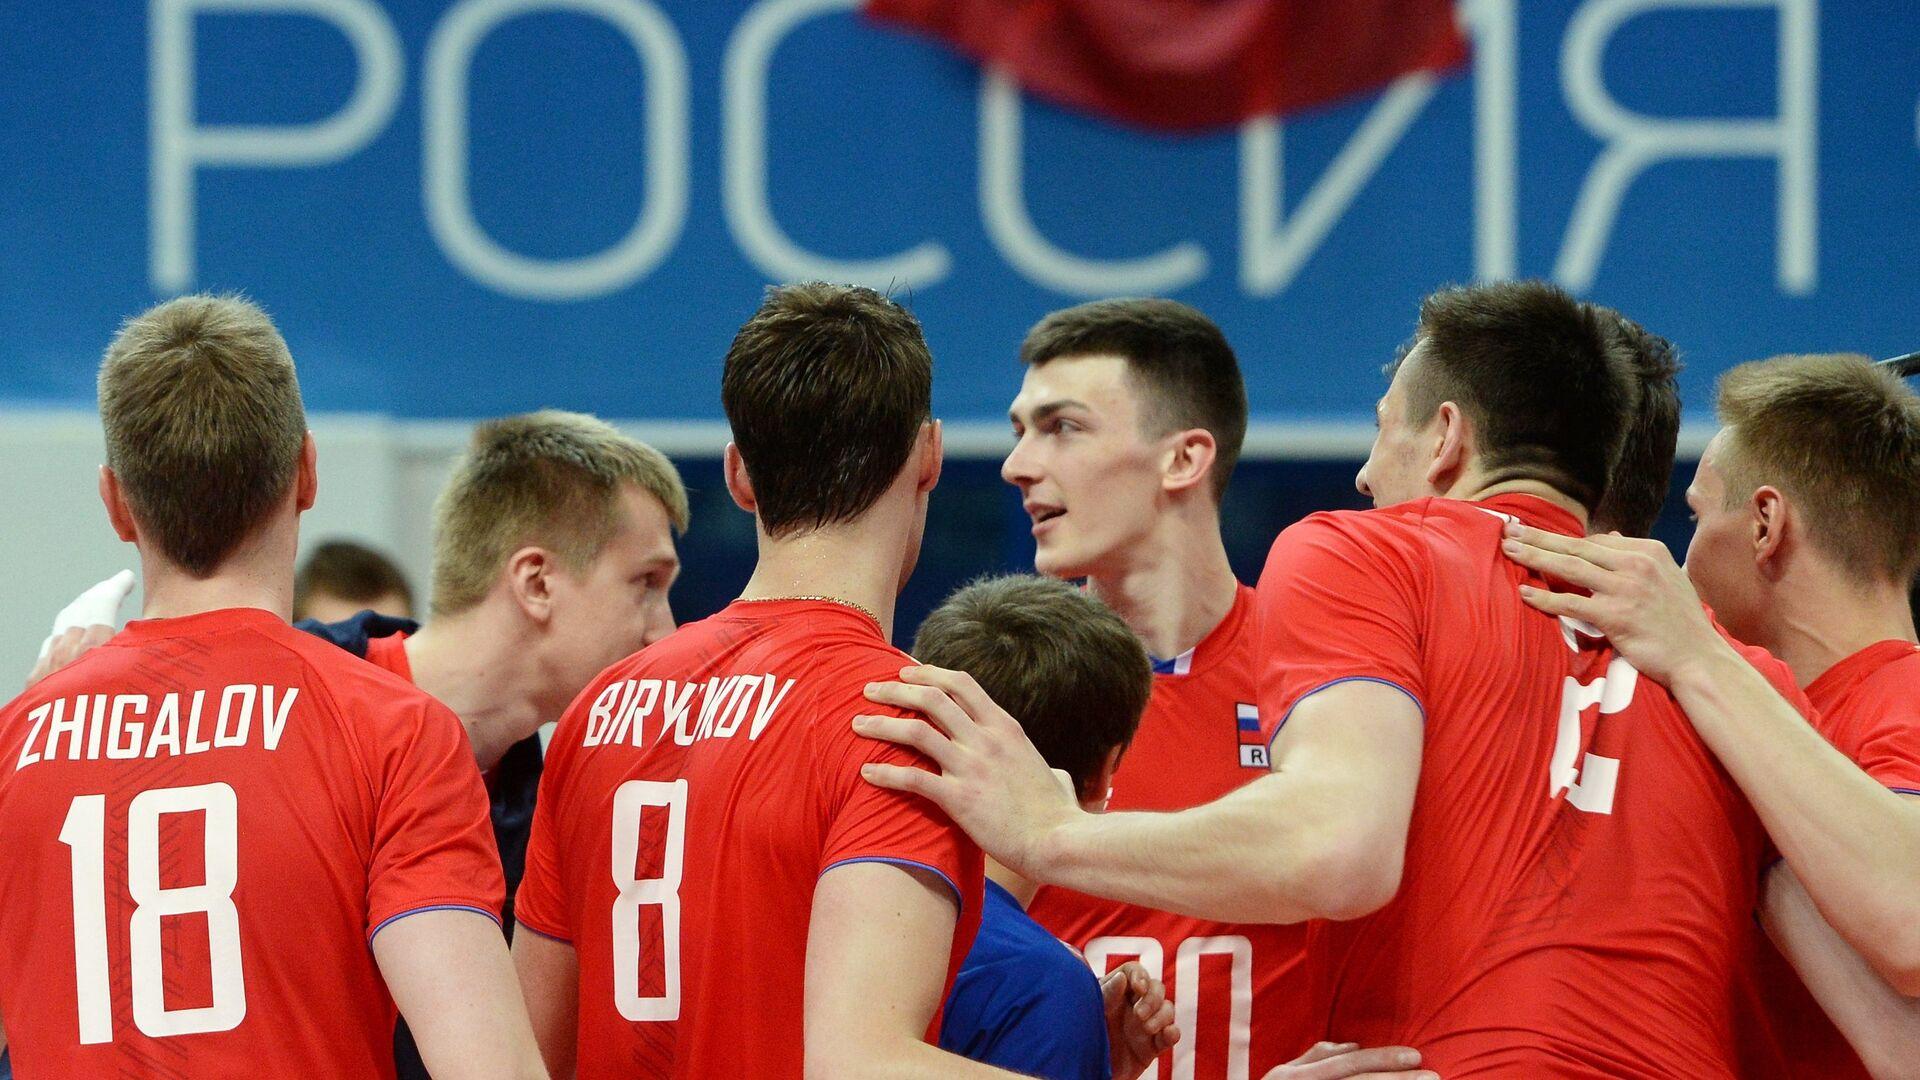 Игроки сборной России радуются победе в матче мировой лиги - РИА Новости, 1920, 15.05.2021